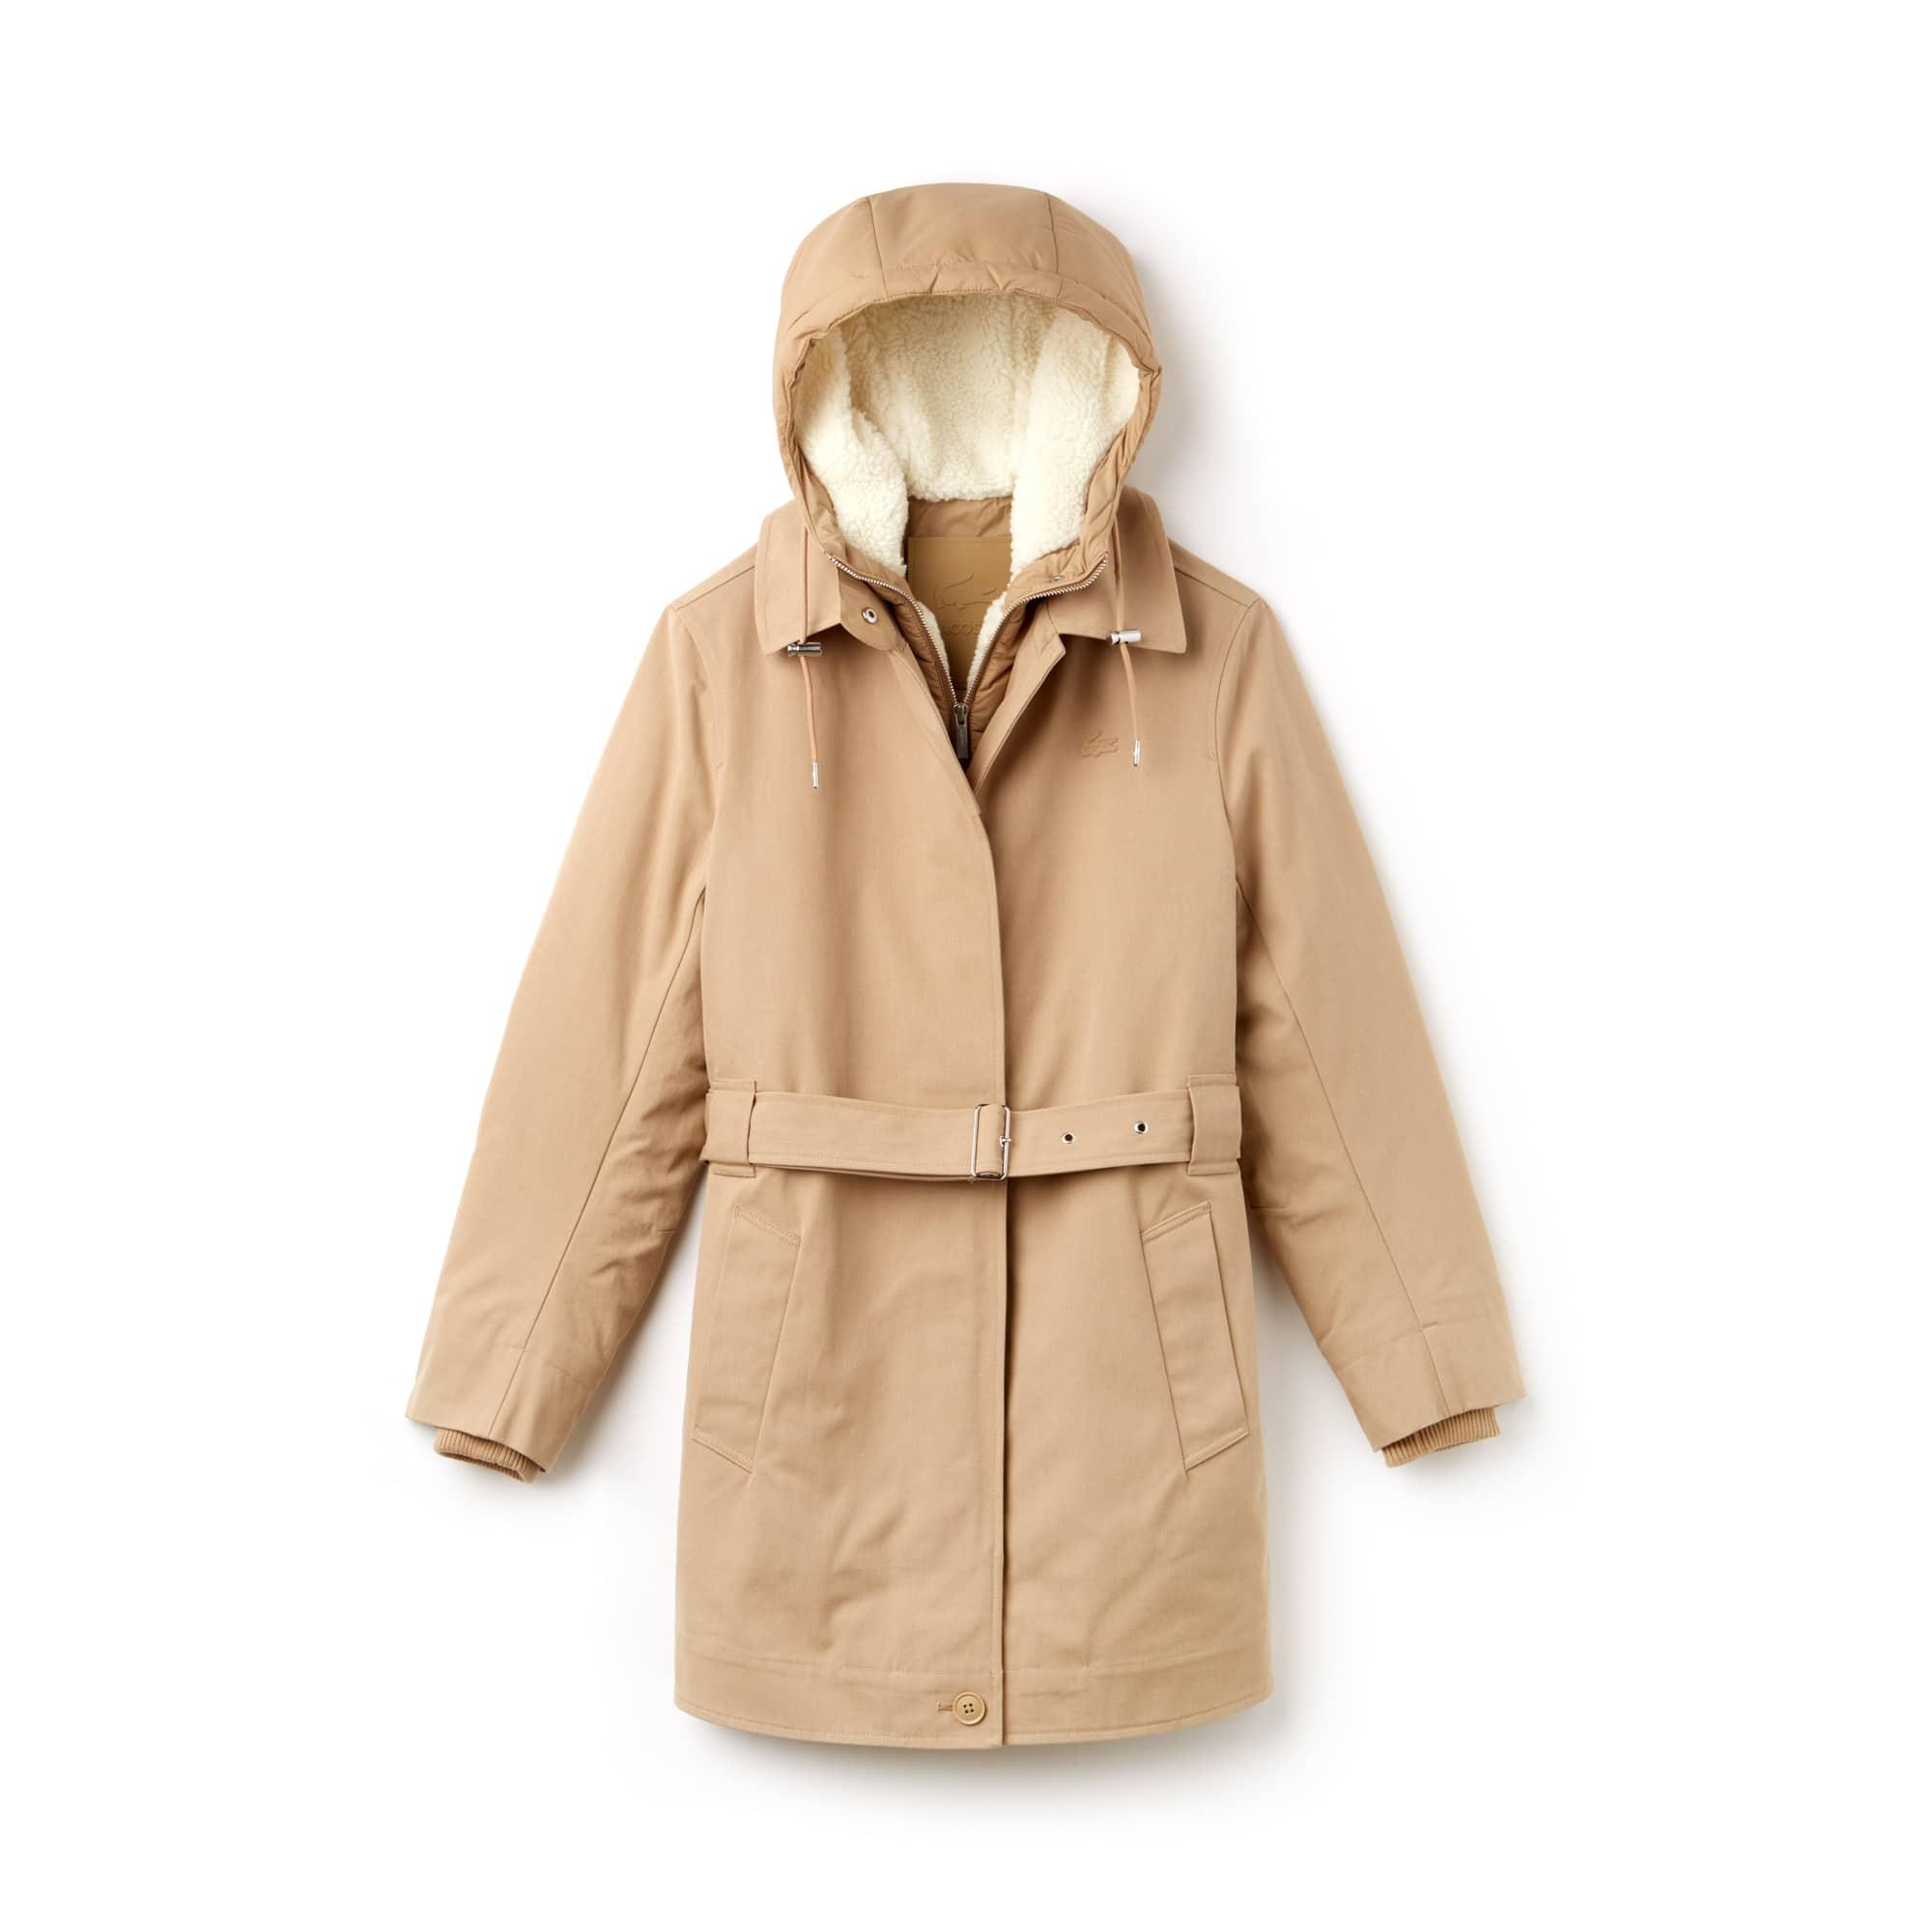 三合一夹克可拆卸式棉质帆布女士连帽派克大衣